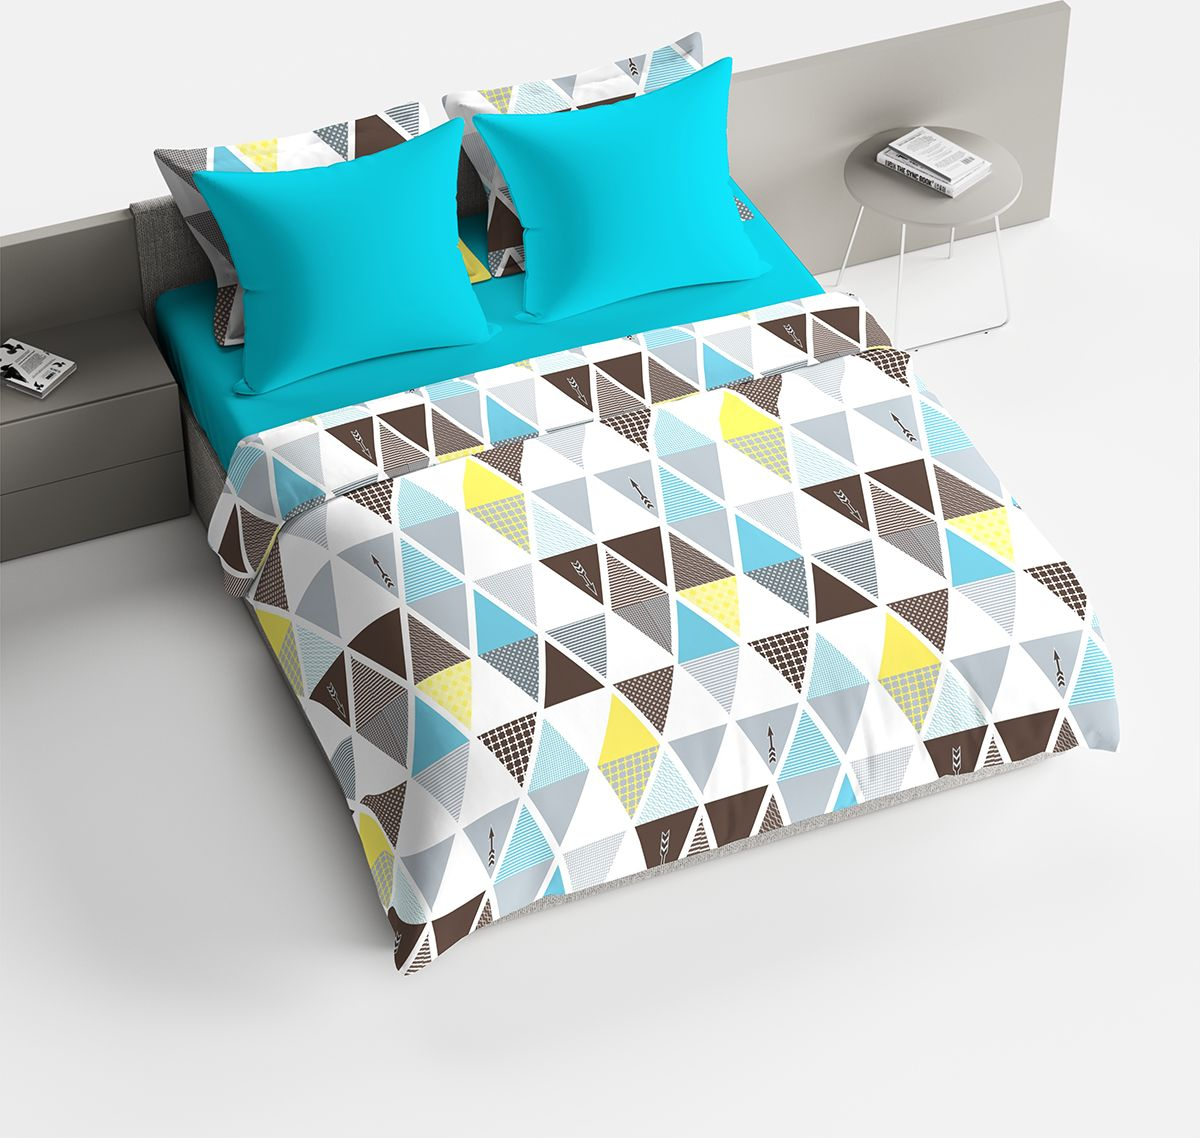 Комплект белья Браво Леонард, 1,5-спальное, наволочки 70x70, цвет: голубой391602Комплекты постельного белья из ткани LUX COTTON (высококачественный поплин), сотканной из длинноволокнистого египетского хлопка, созданы специально для людей с оригинальным вкусом, предпочитающим современные решения в интерьере. Обновленная стильная упаковка делает этот комплект отличным подарком. • Равноплотная ткань из 100% хлопка;• Обработана по технологии мерсеризации и санфоризации;• Мягкая и нежная на ощупь;• Устойчива к трению;• Обладает высокими показателями гигроскопичности (впитывает влагу);• Выдерживает частые стирки, сохраняя первоначальные цвет, форму и размеры;• Безопасные красители ведущего немецкого производителя BEZEMA